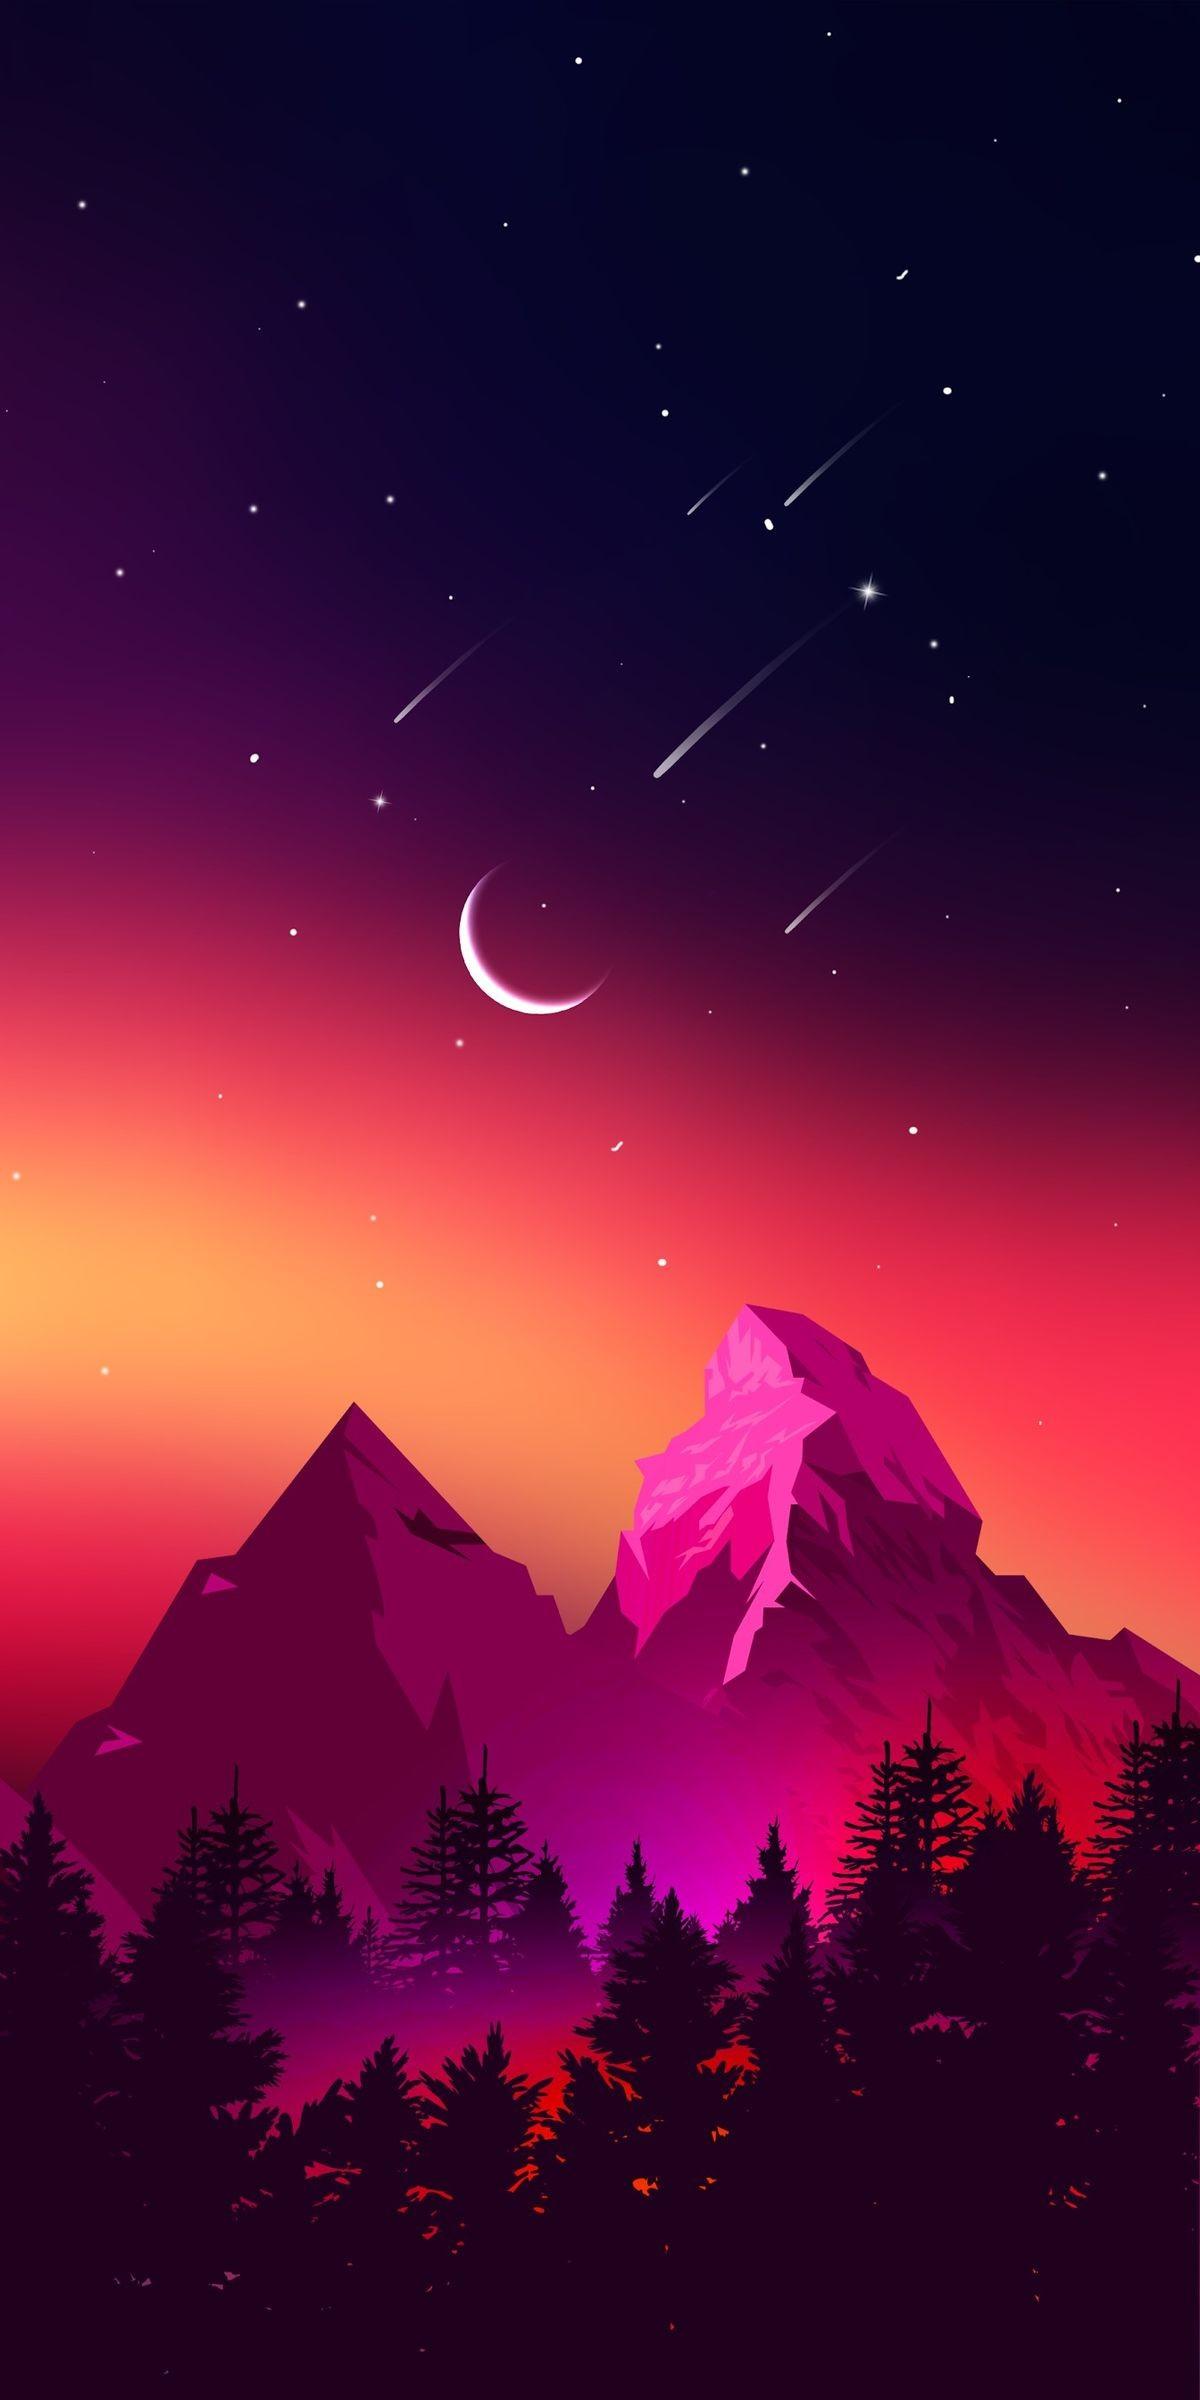 4k iphone wallpaper moon